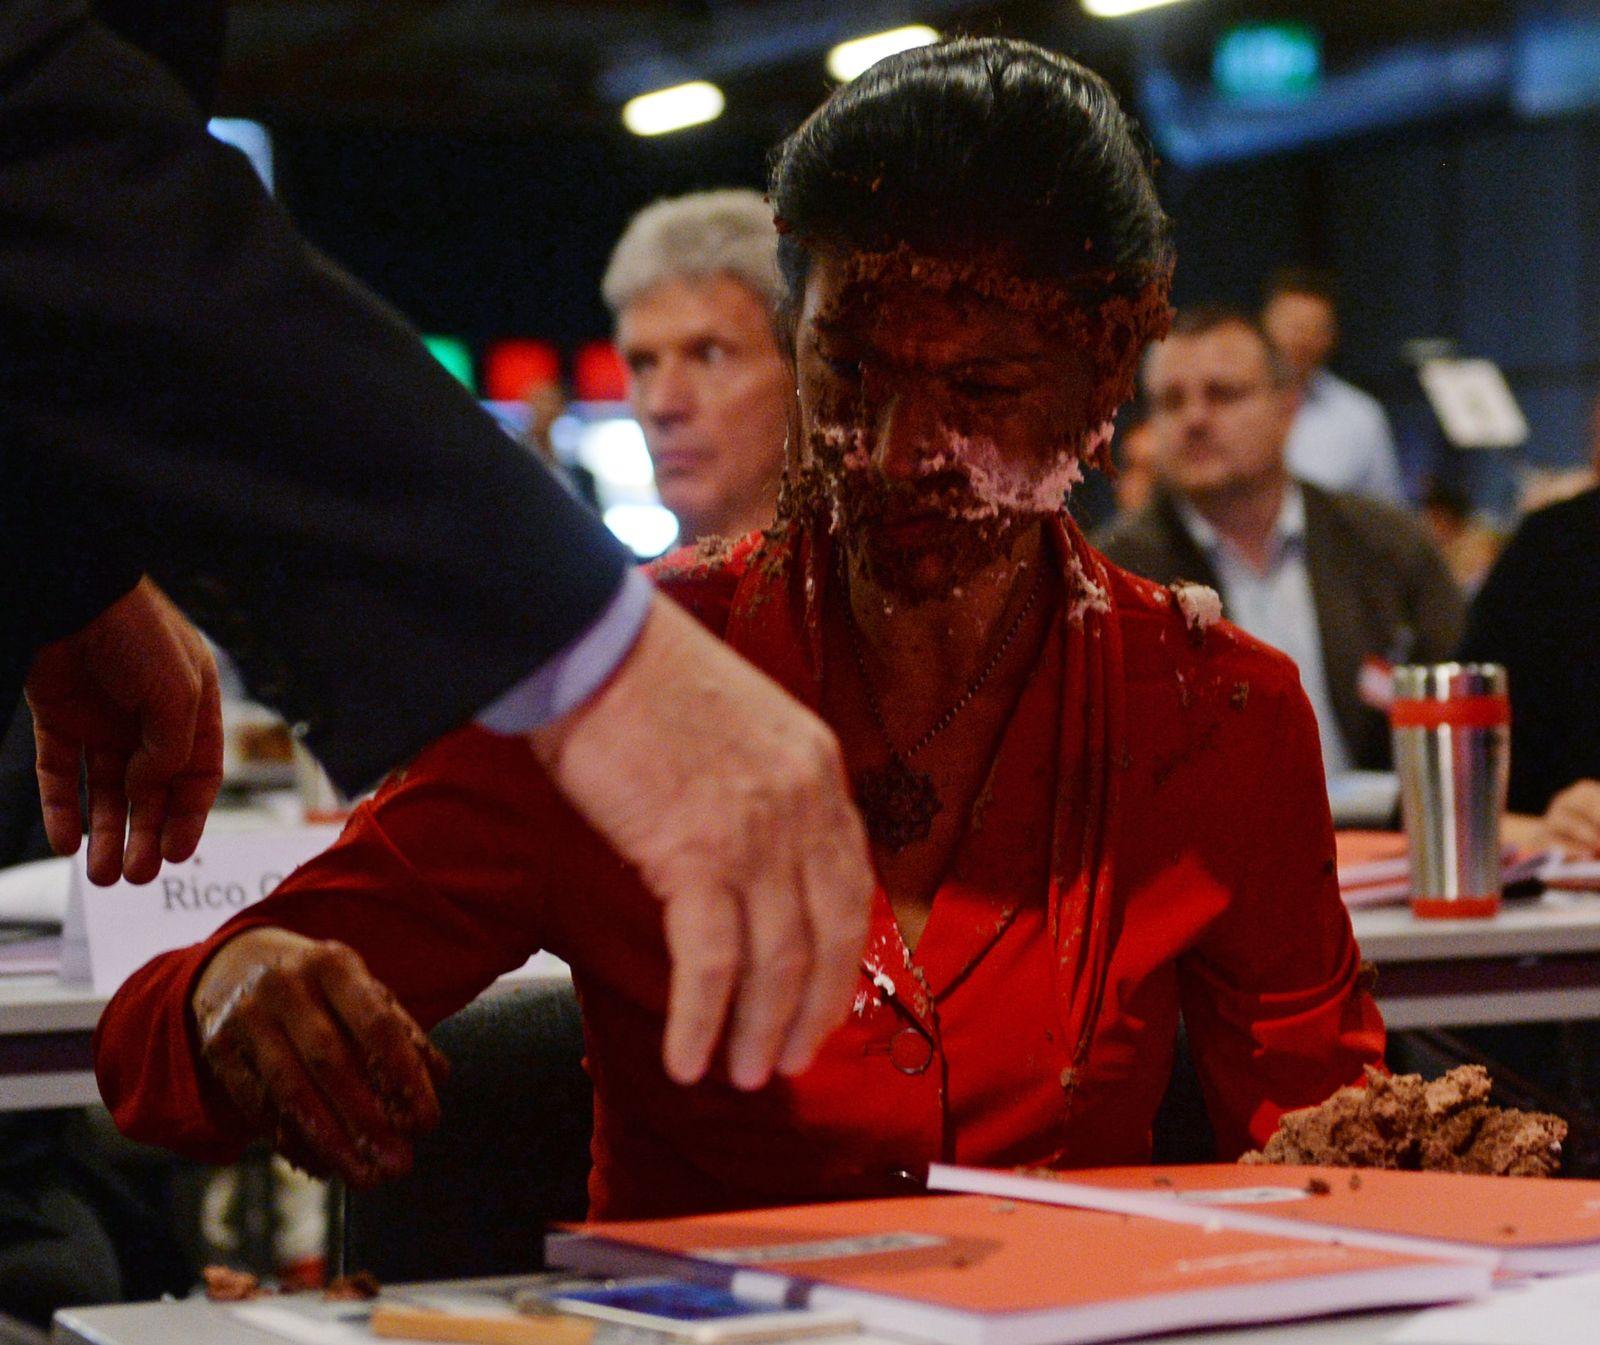 Die Linke - Bundesparteitag - Wagenknecht mit Torte